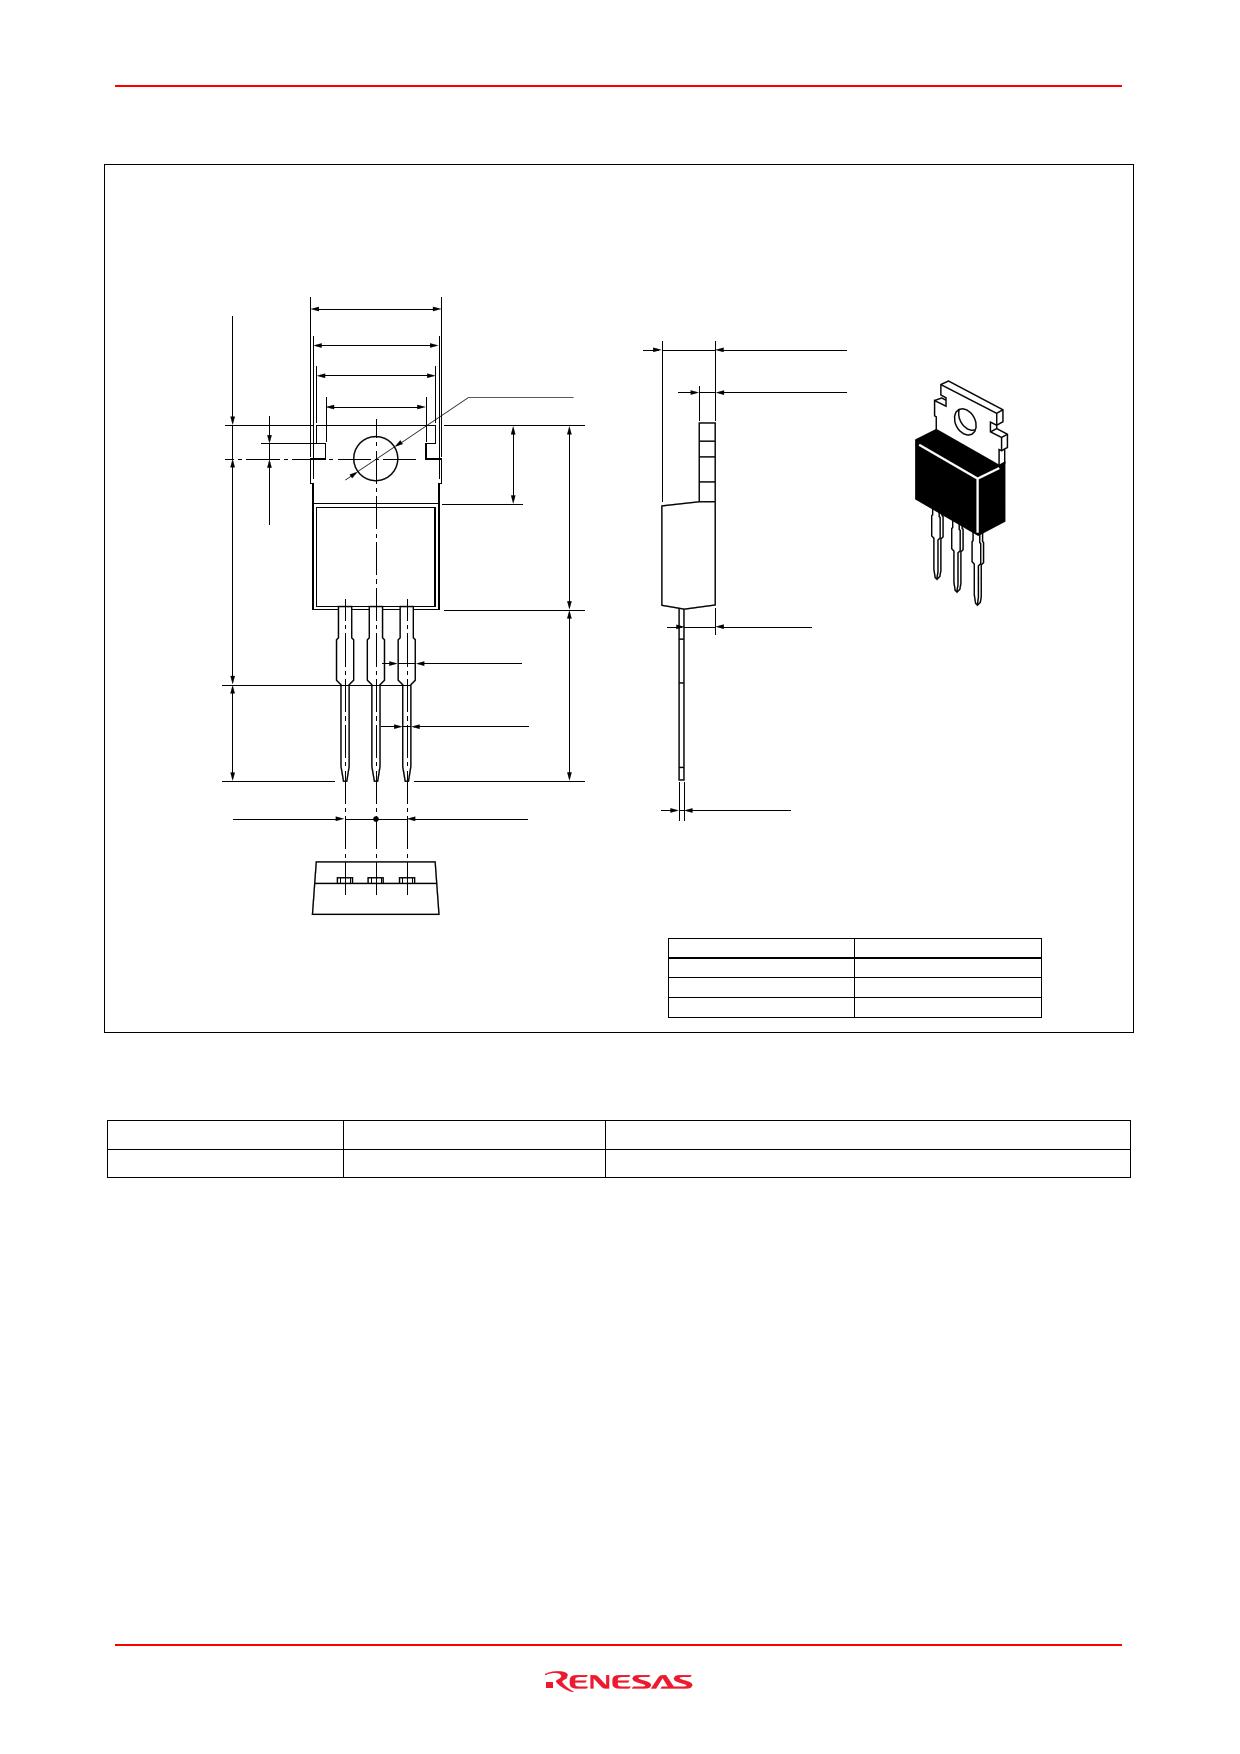 2SK3418 전자부품, 판매, 대치품